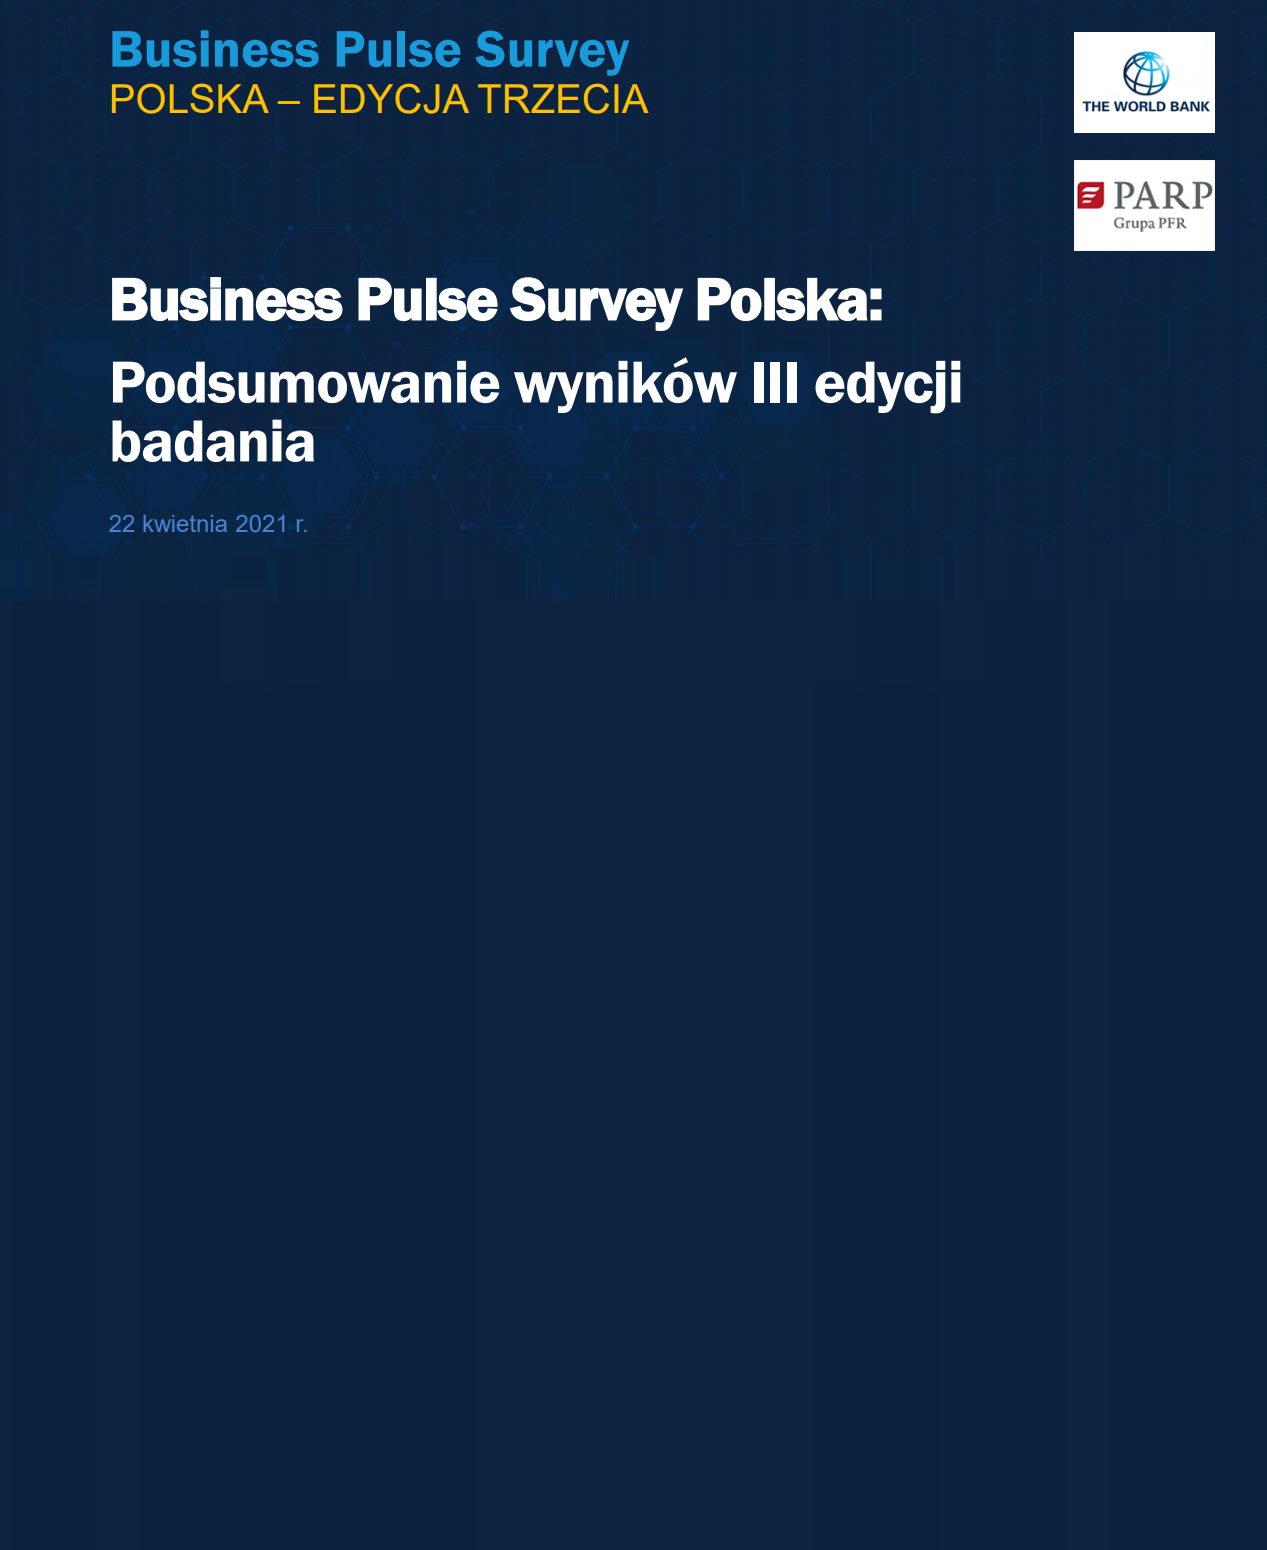 Business Pulse Survey Polska: Podsumowanie wyników III edycji badania